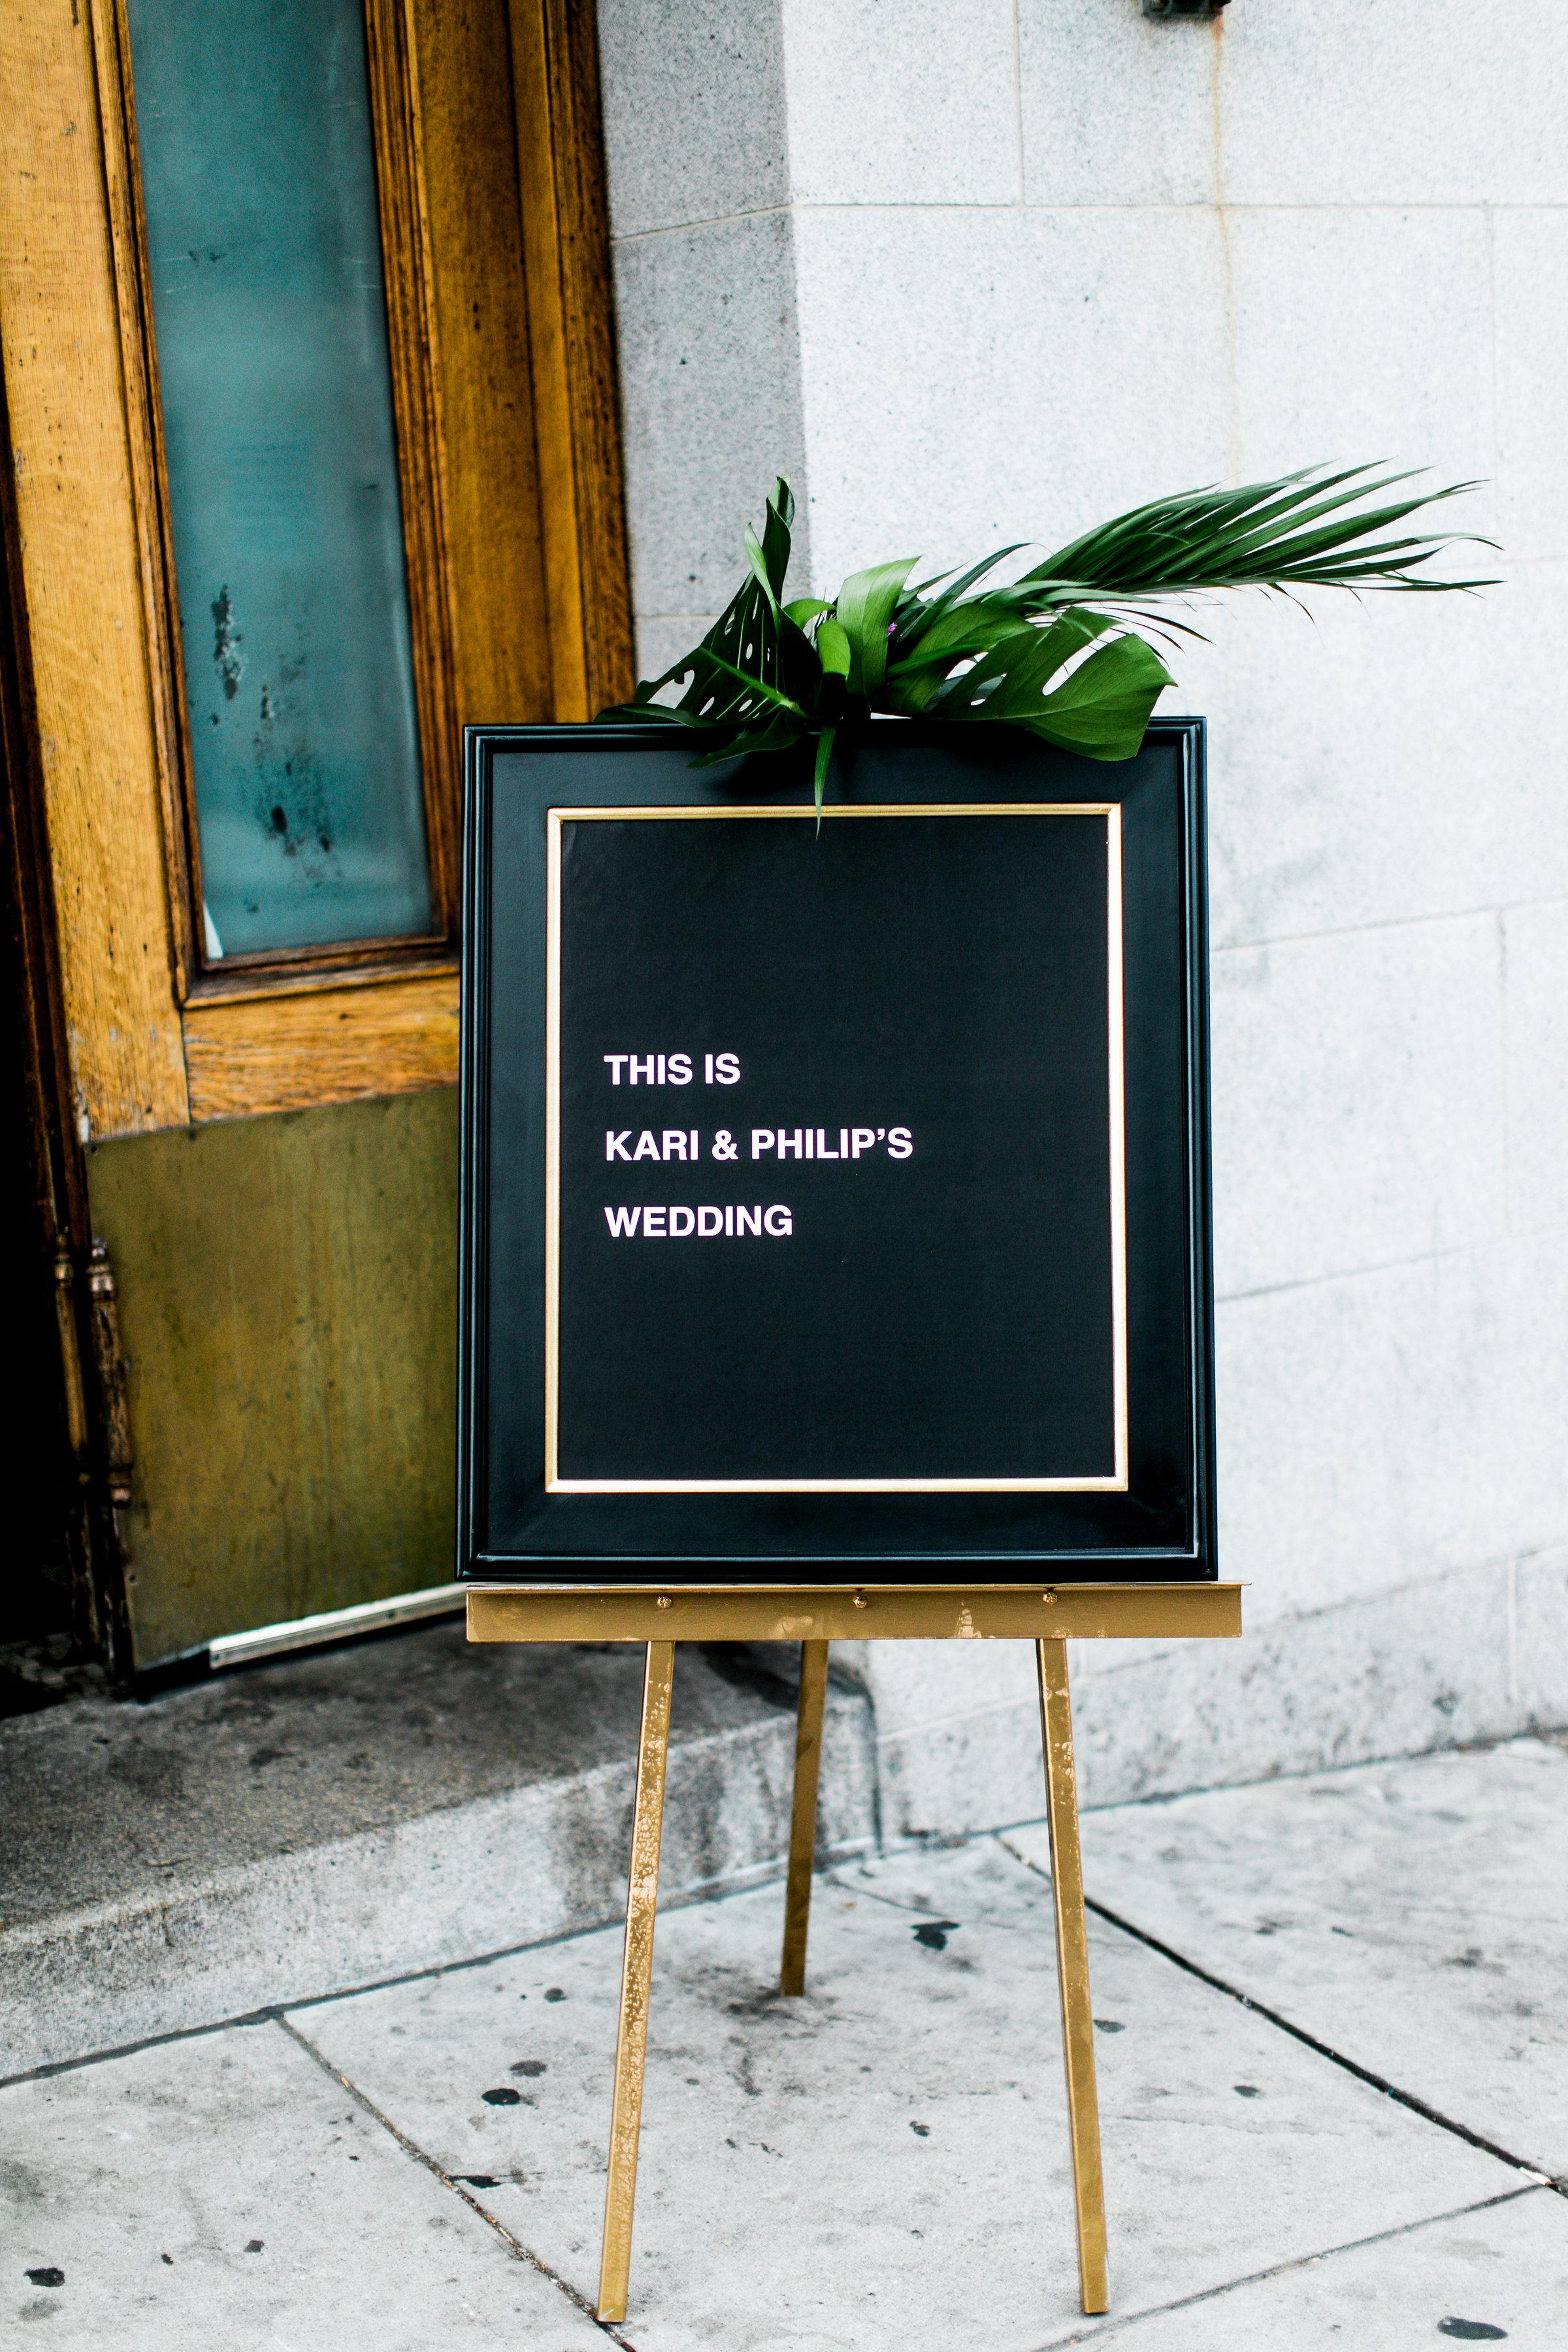 Phillip-Kari-Wedding-ROQUE-Events-Finch-Photo36.jpg